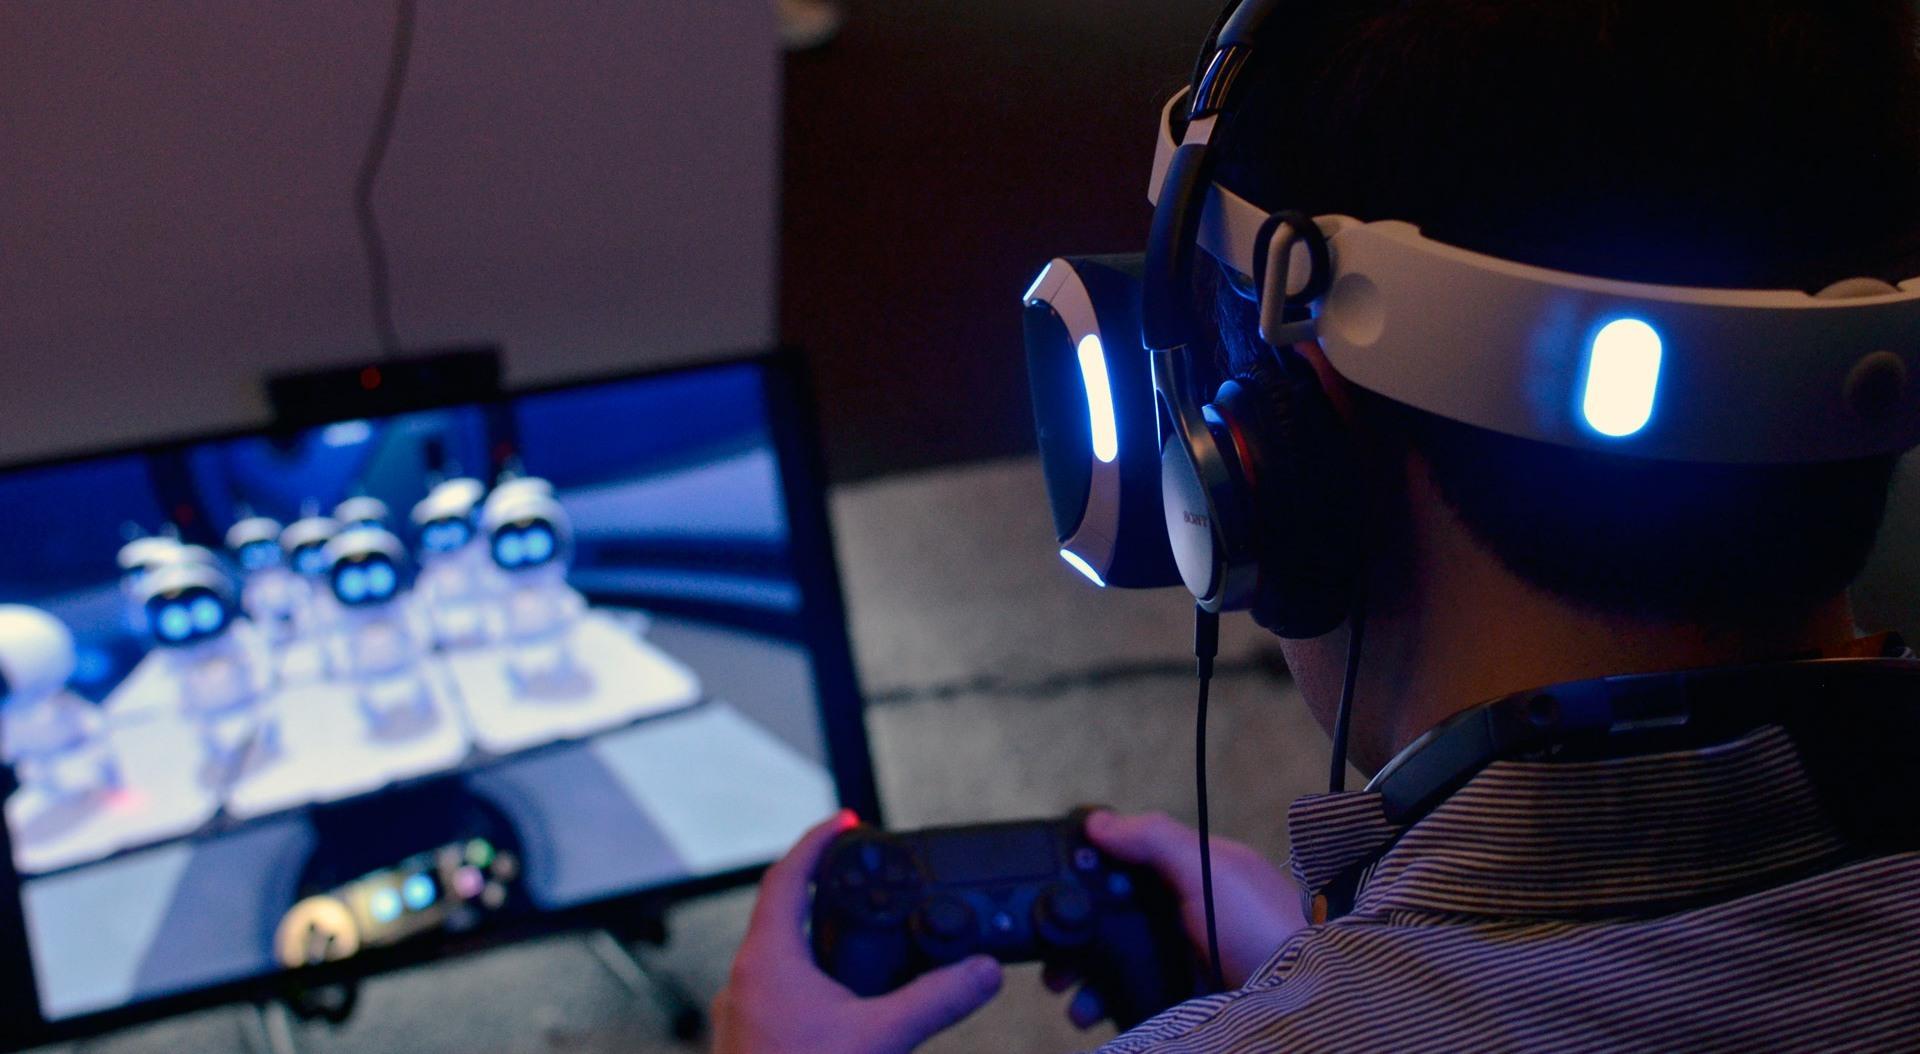 Новости Звездных Войн (Star Wars news): Шлем виртуальной реальности PlayStation наконец-то в России